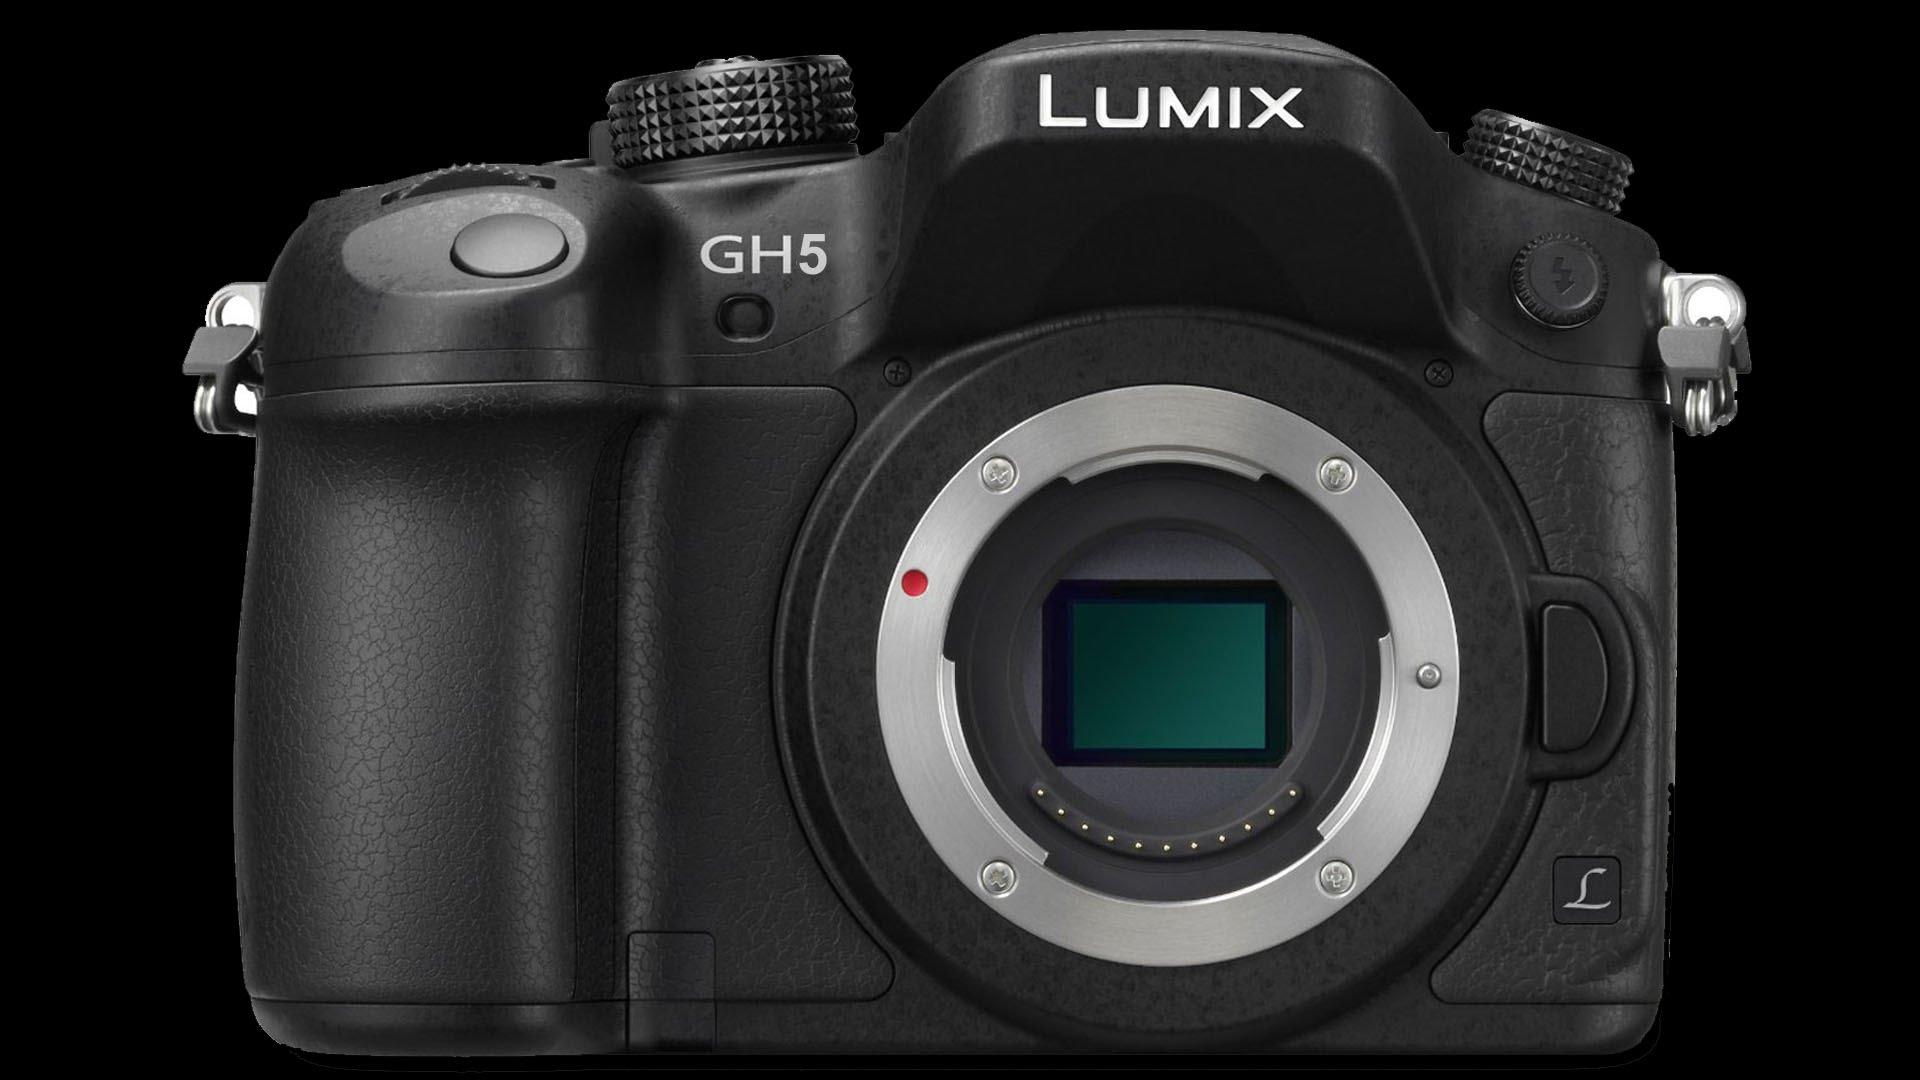 Panasonic Lumix DMC-GH5 Mirrorless